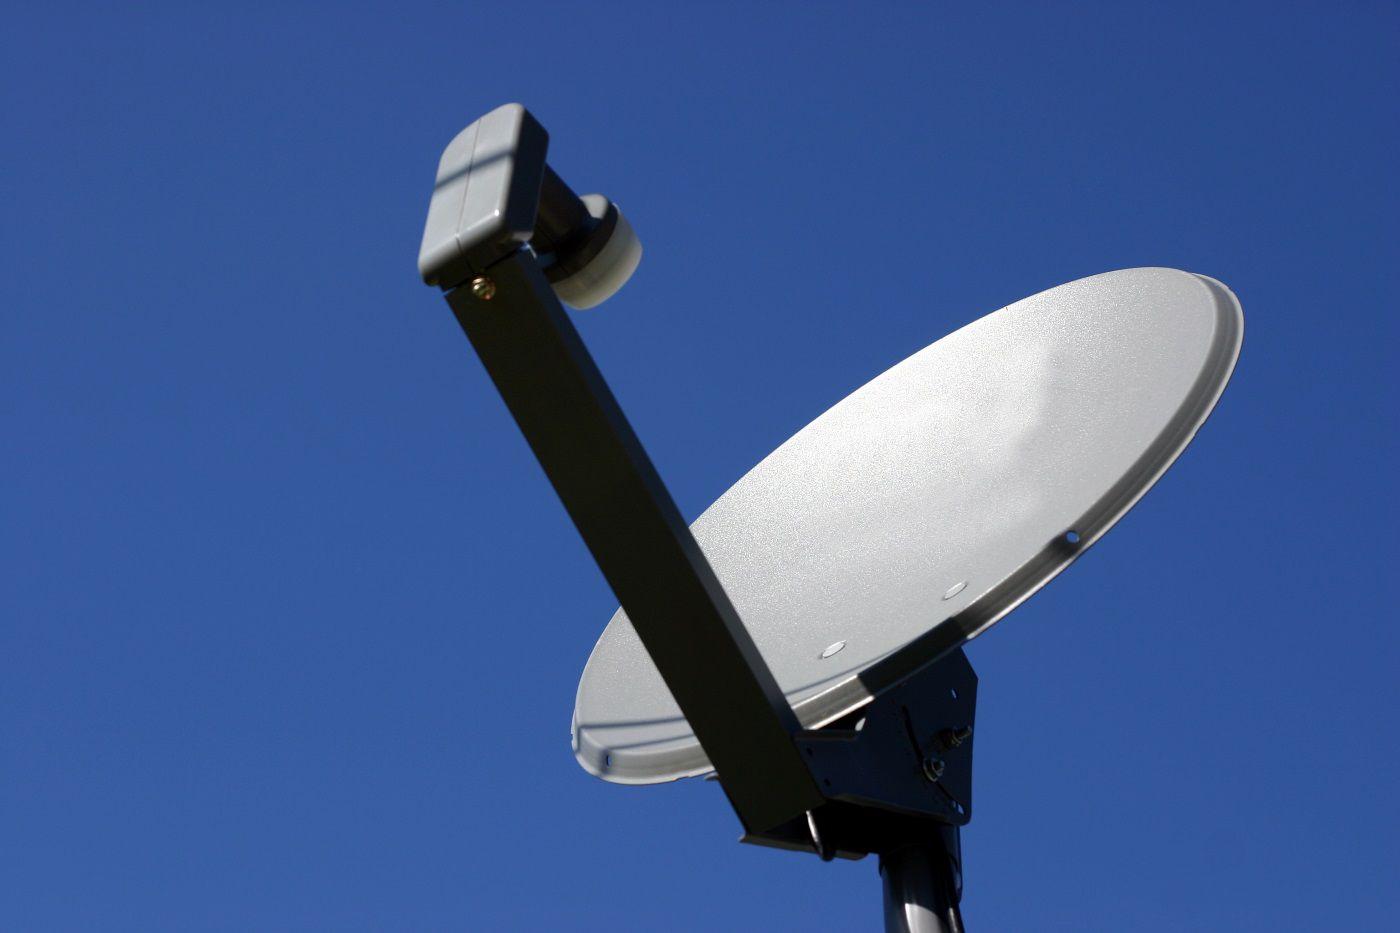 đĩa vệ tinh